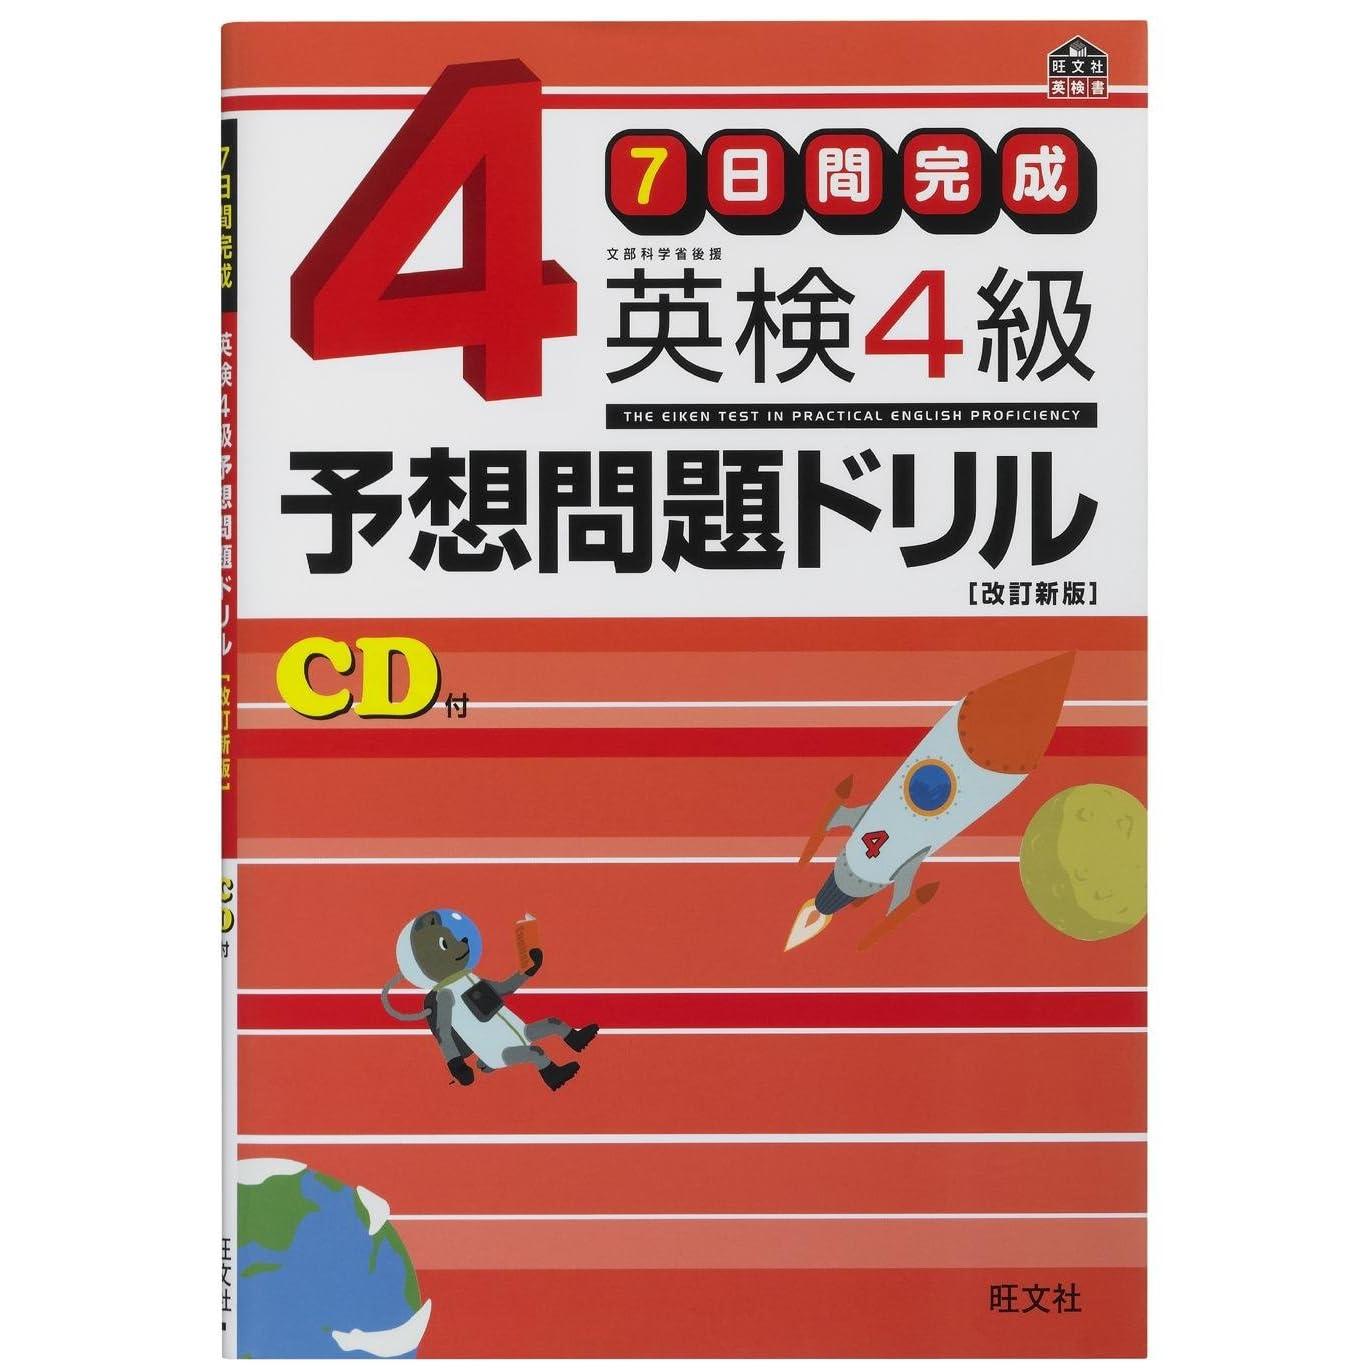 卡西欧ex-word 电子辞书 中学生向けモデル xd-n3800we 白色